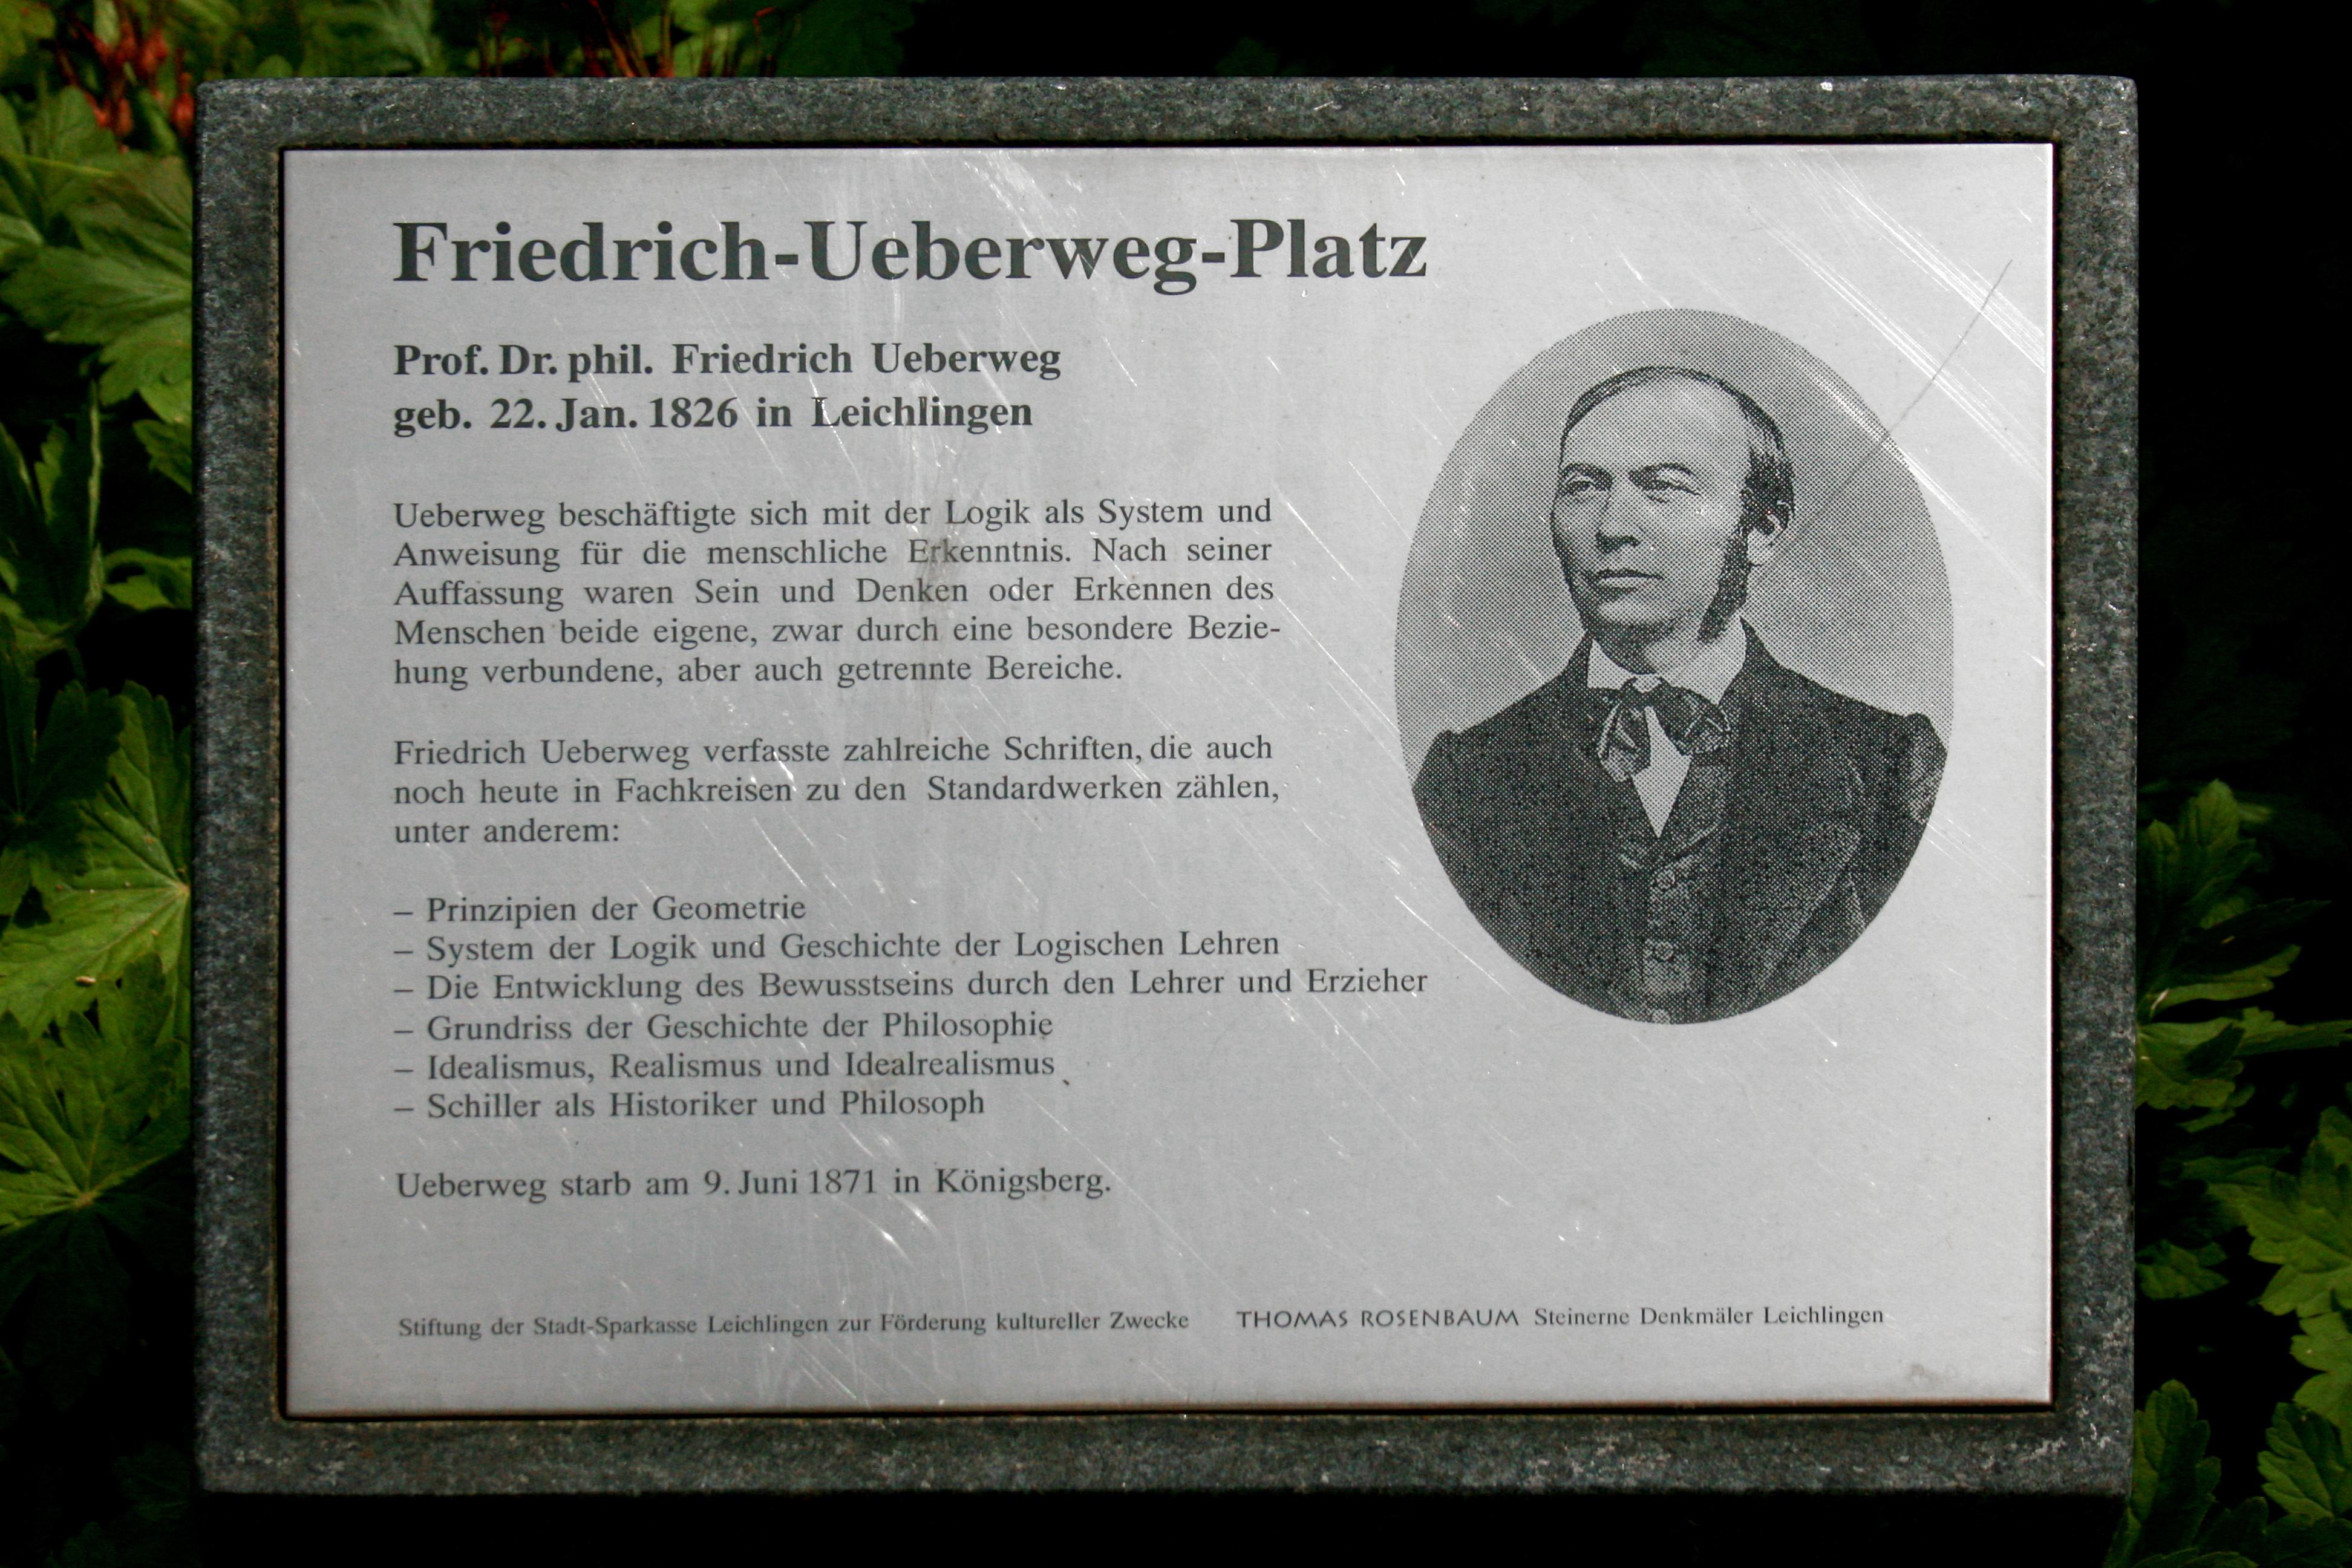 Friedrich Ueberweg